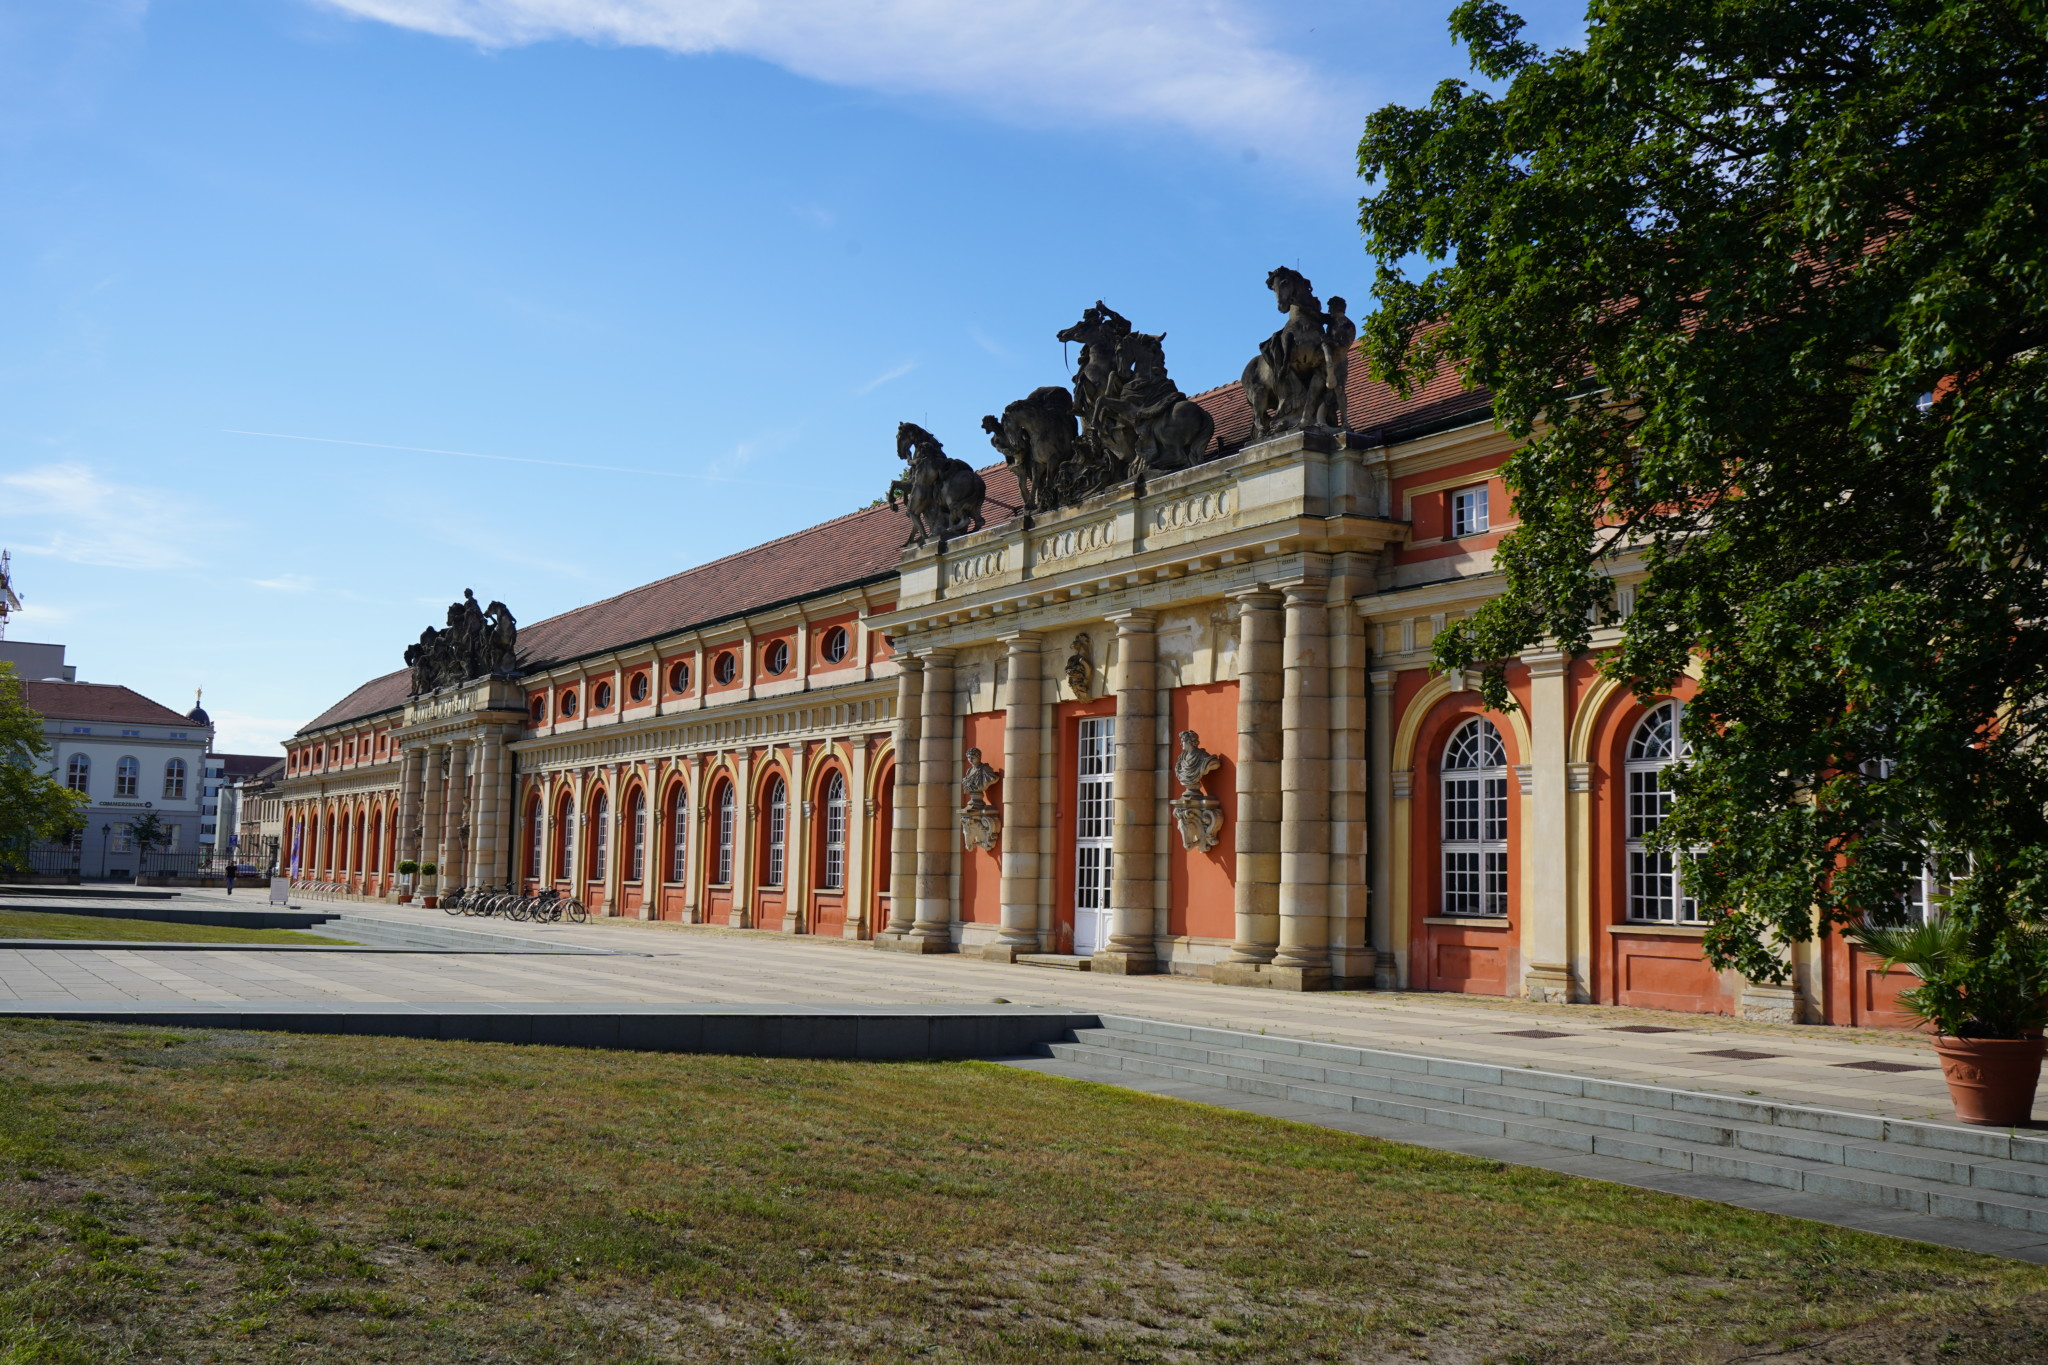 Museum in Potsdam